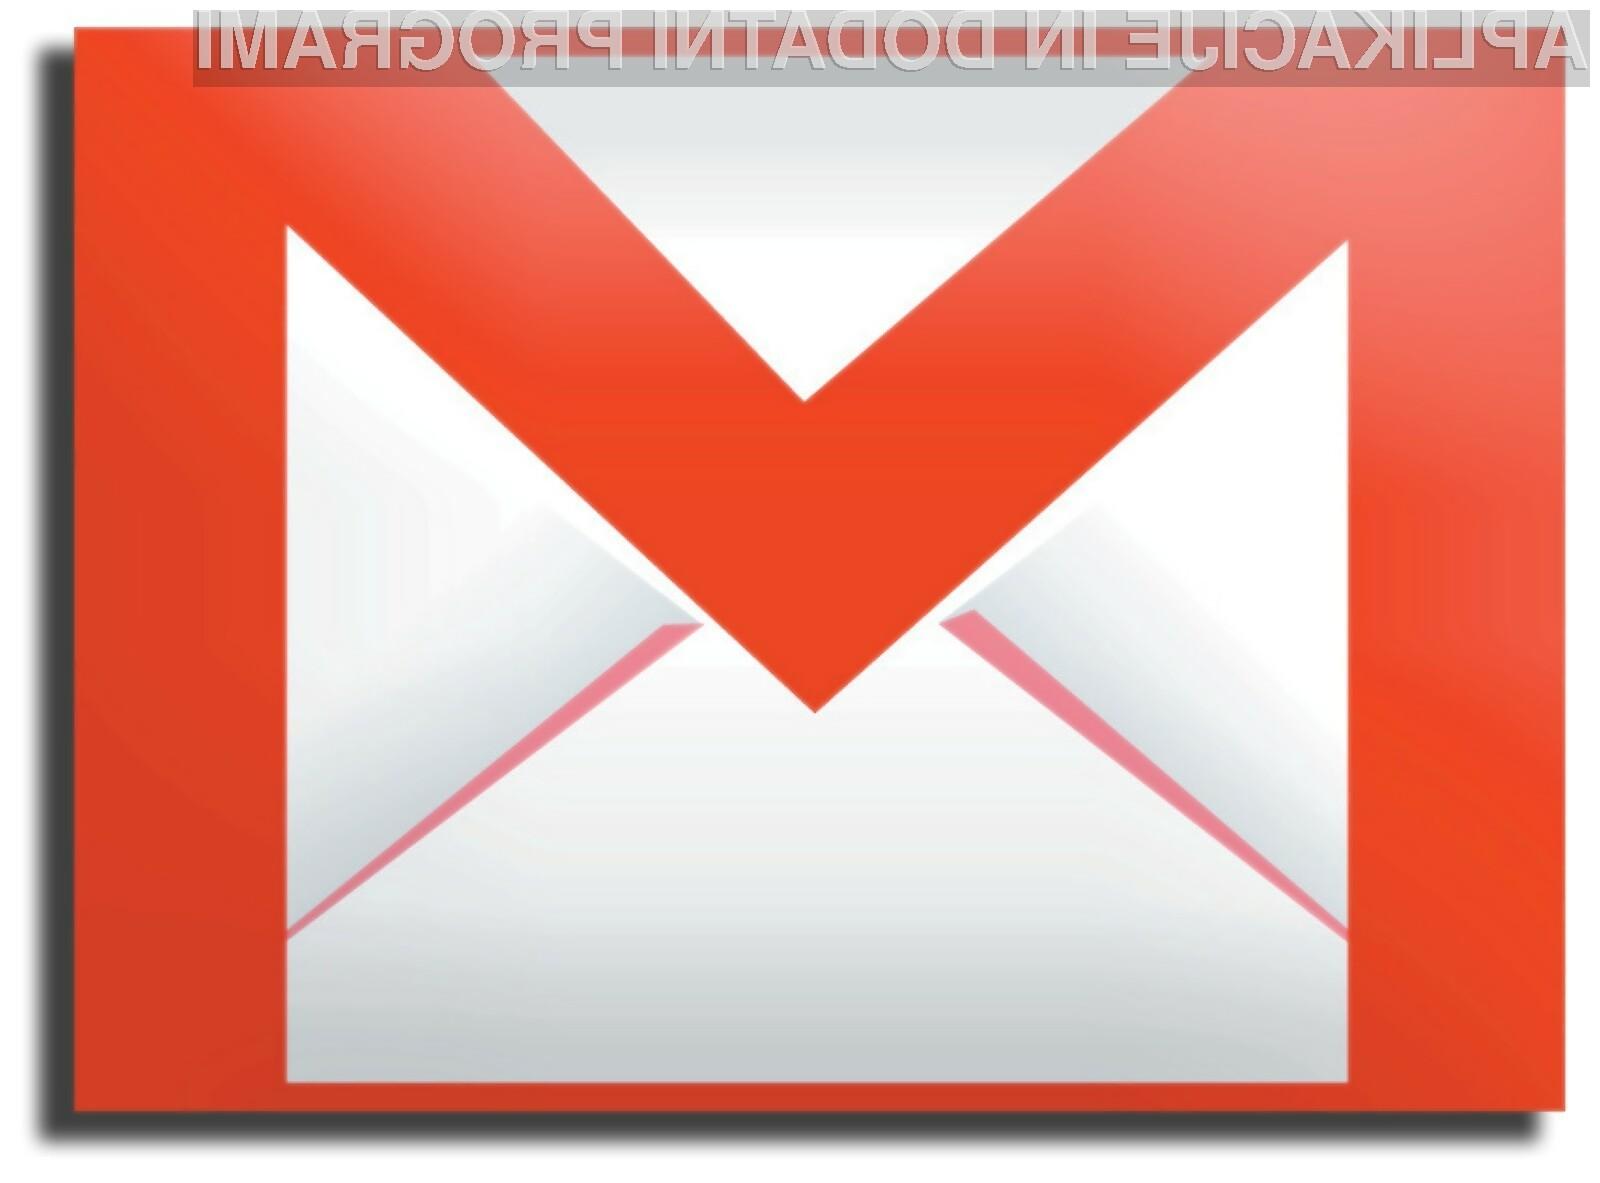 Gmail je trenutno največji ponudnik elektronske pošte.